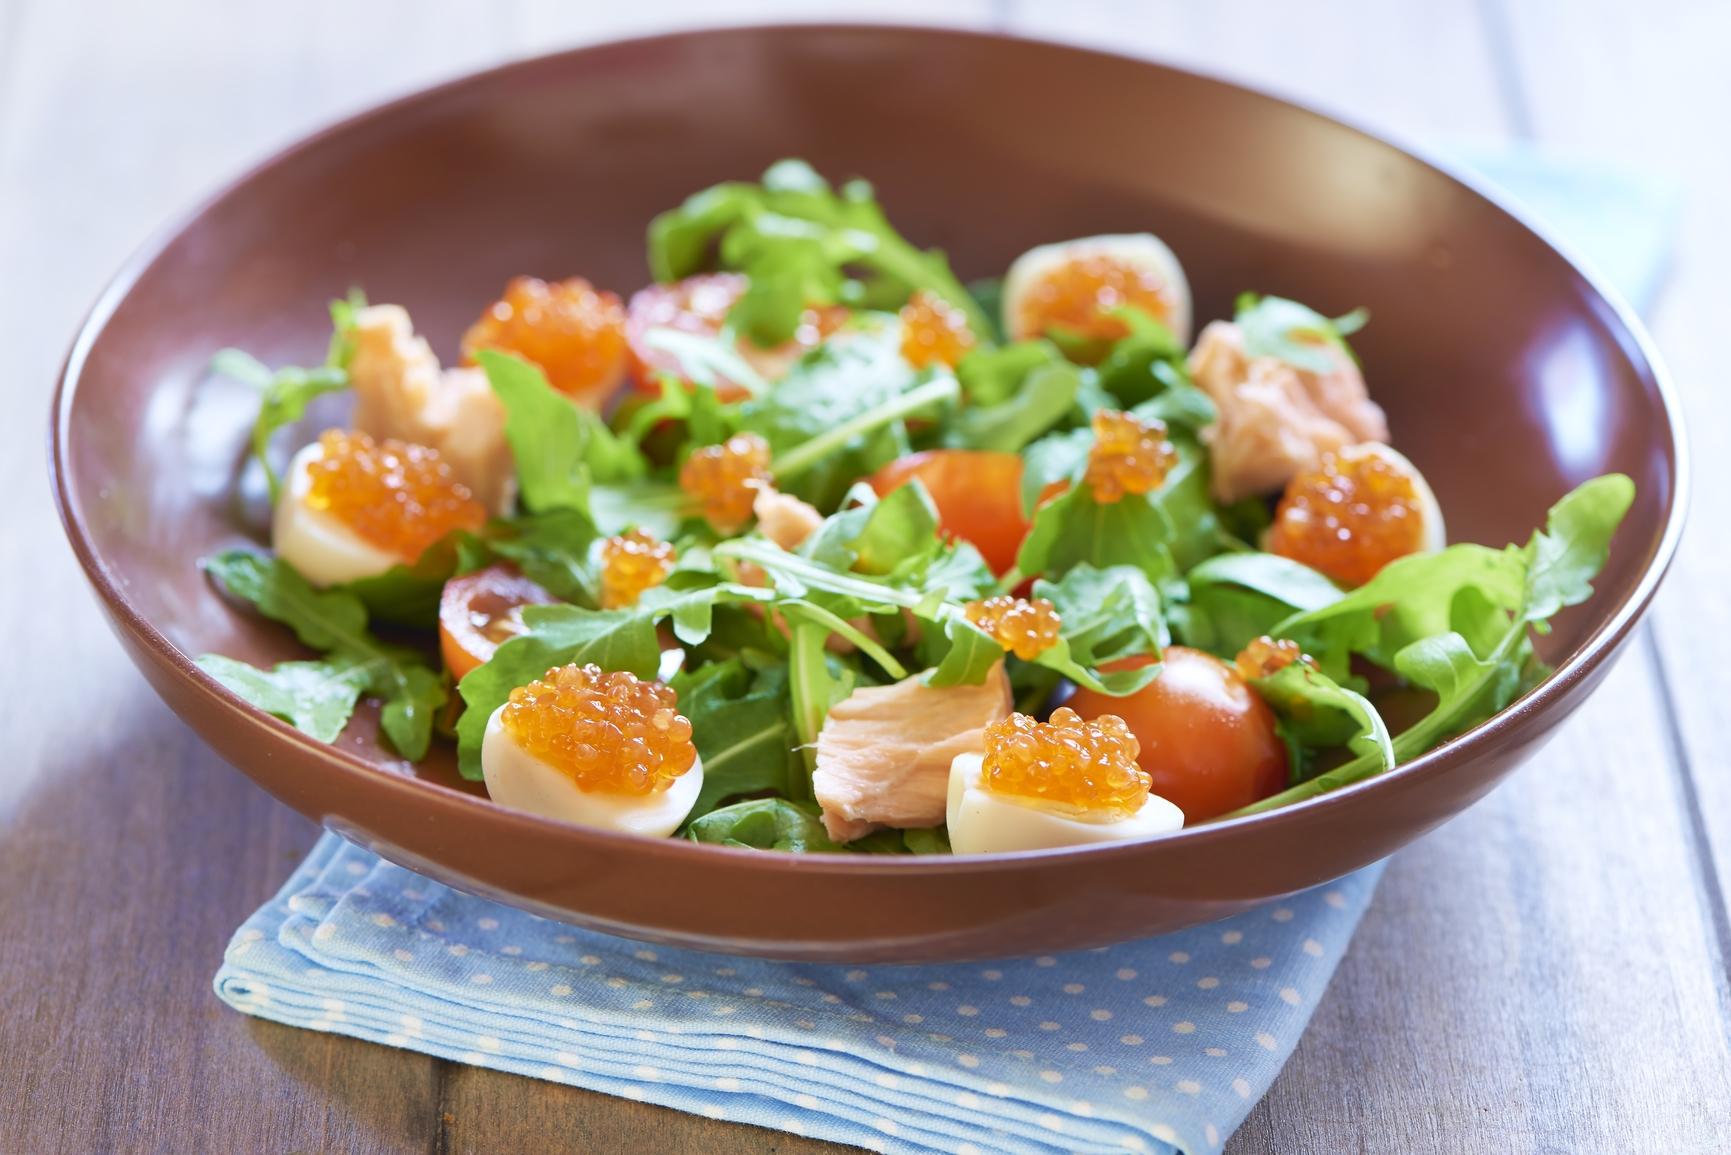 Рецепт оливье с перепелиными яйцами фото рецепт